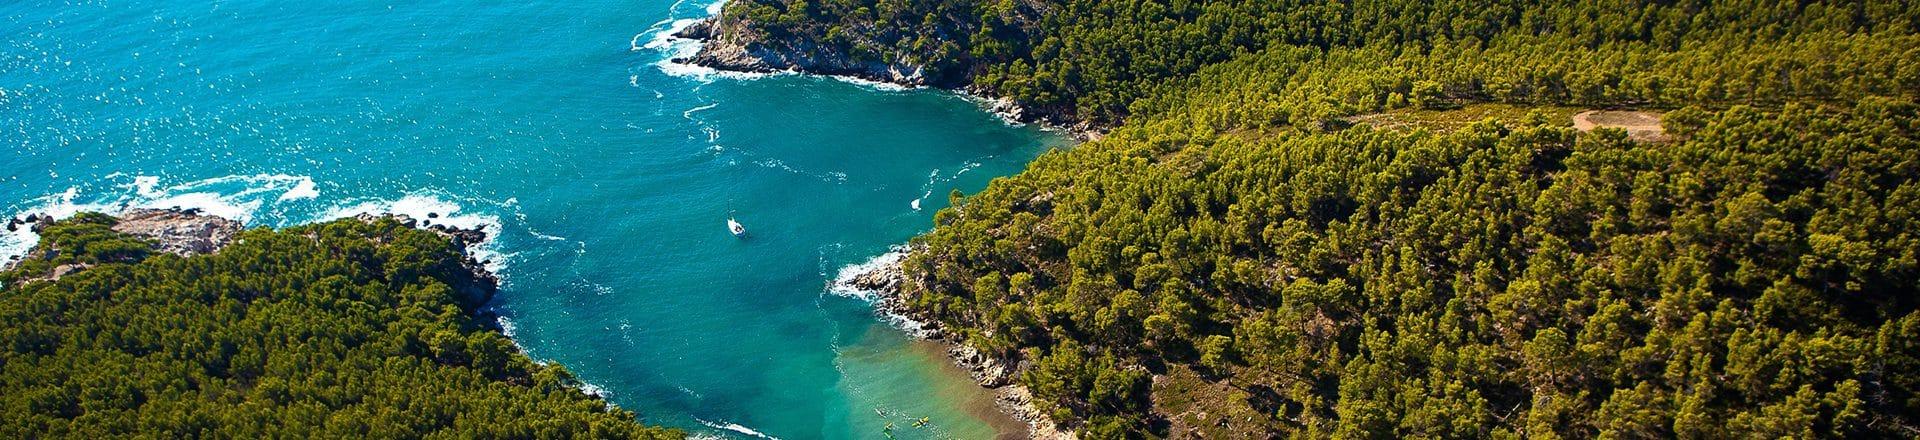 Office de Tourisme - Saint-Cyr sur Mer